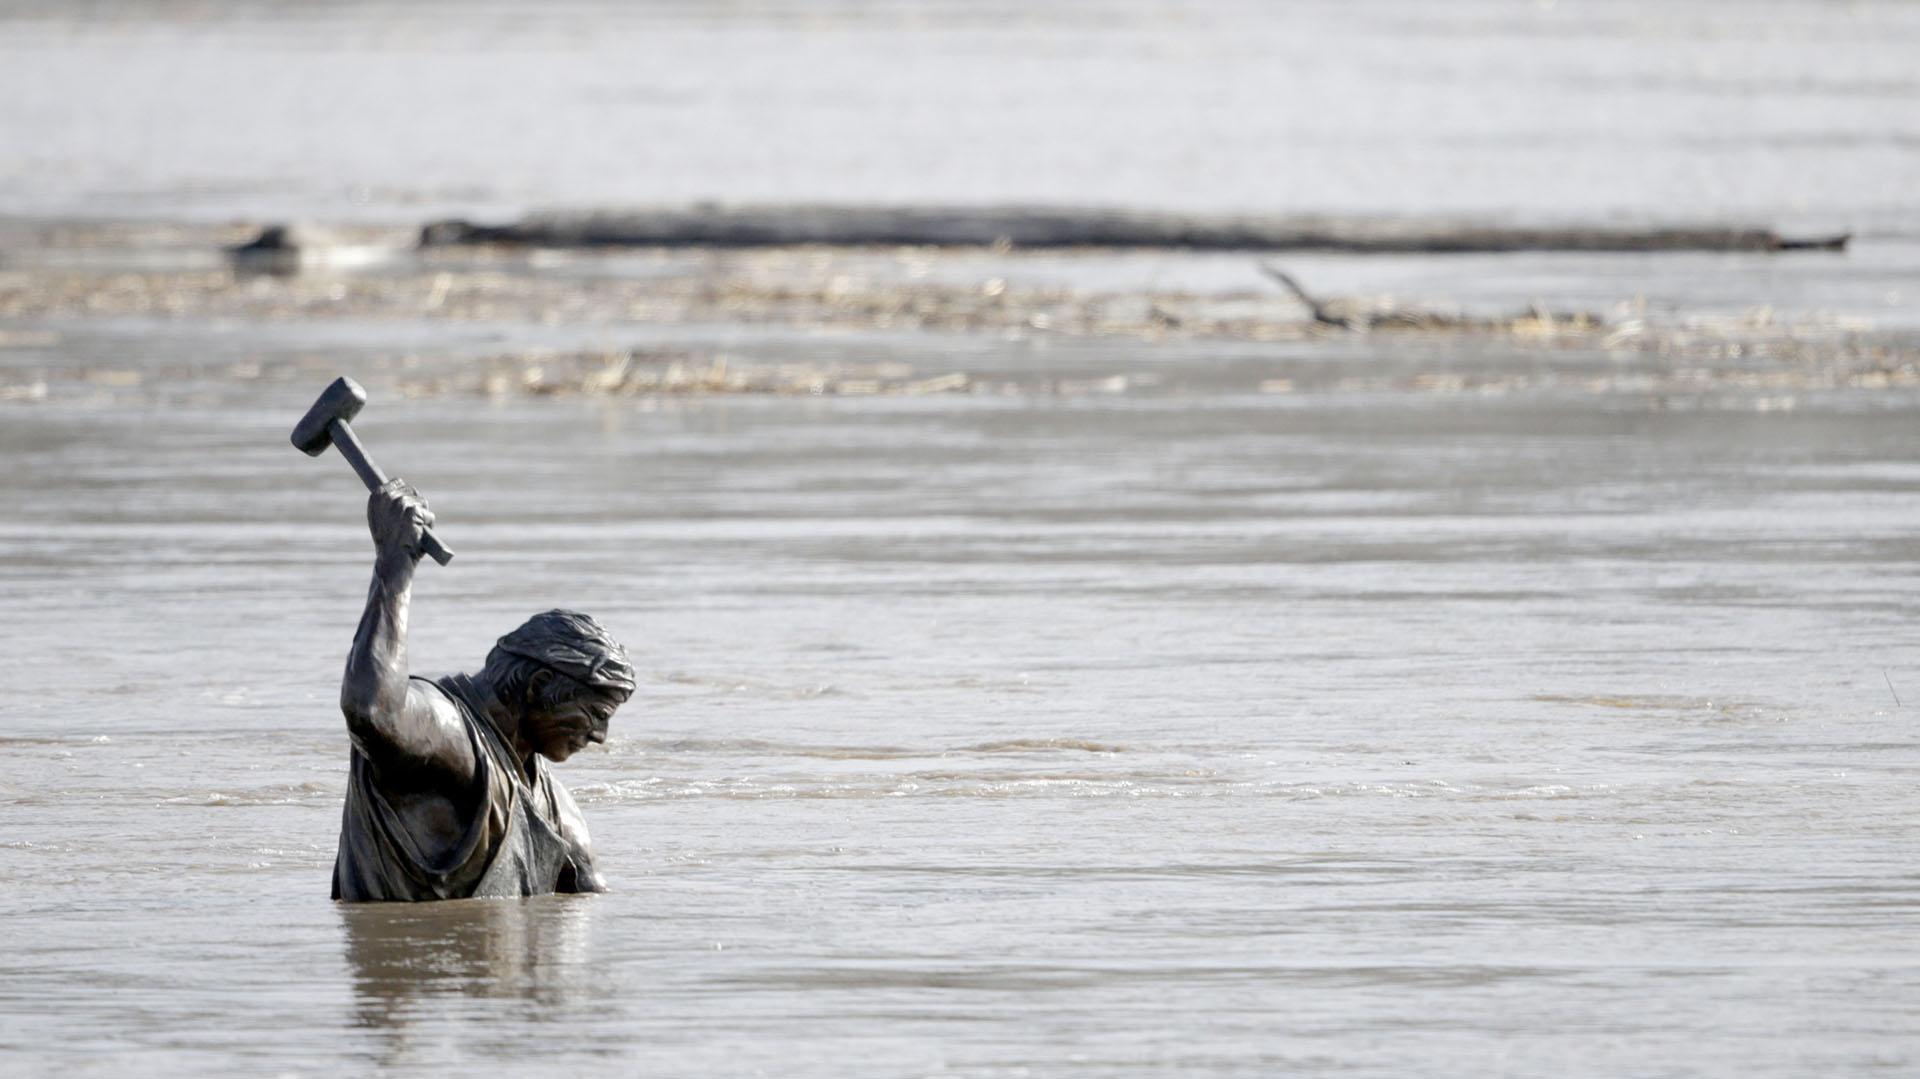 Las inundaciones superaron el metro de altura y forzaron la evacuación de miles de personas